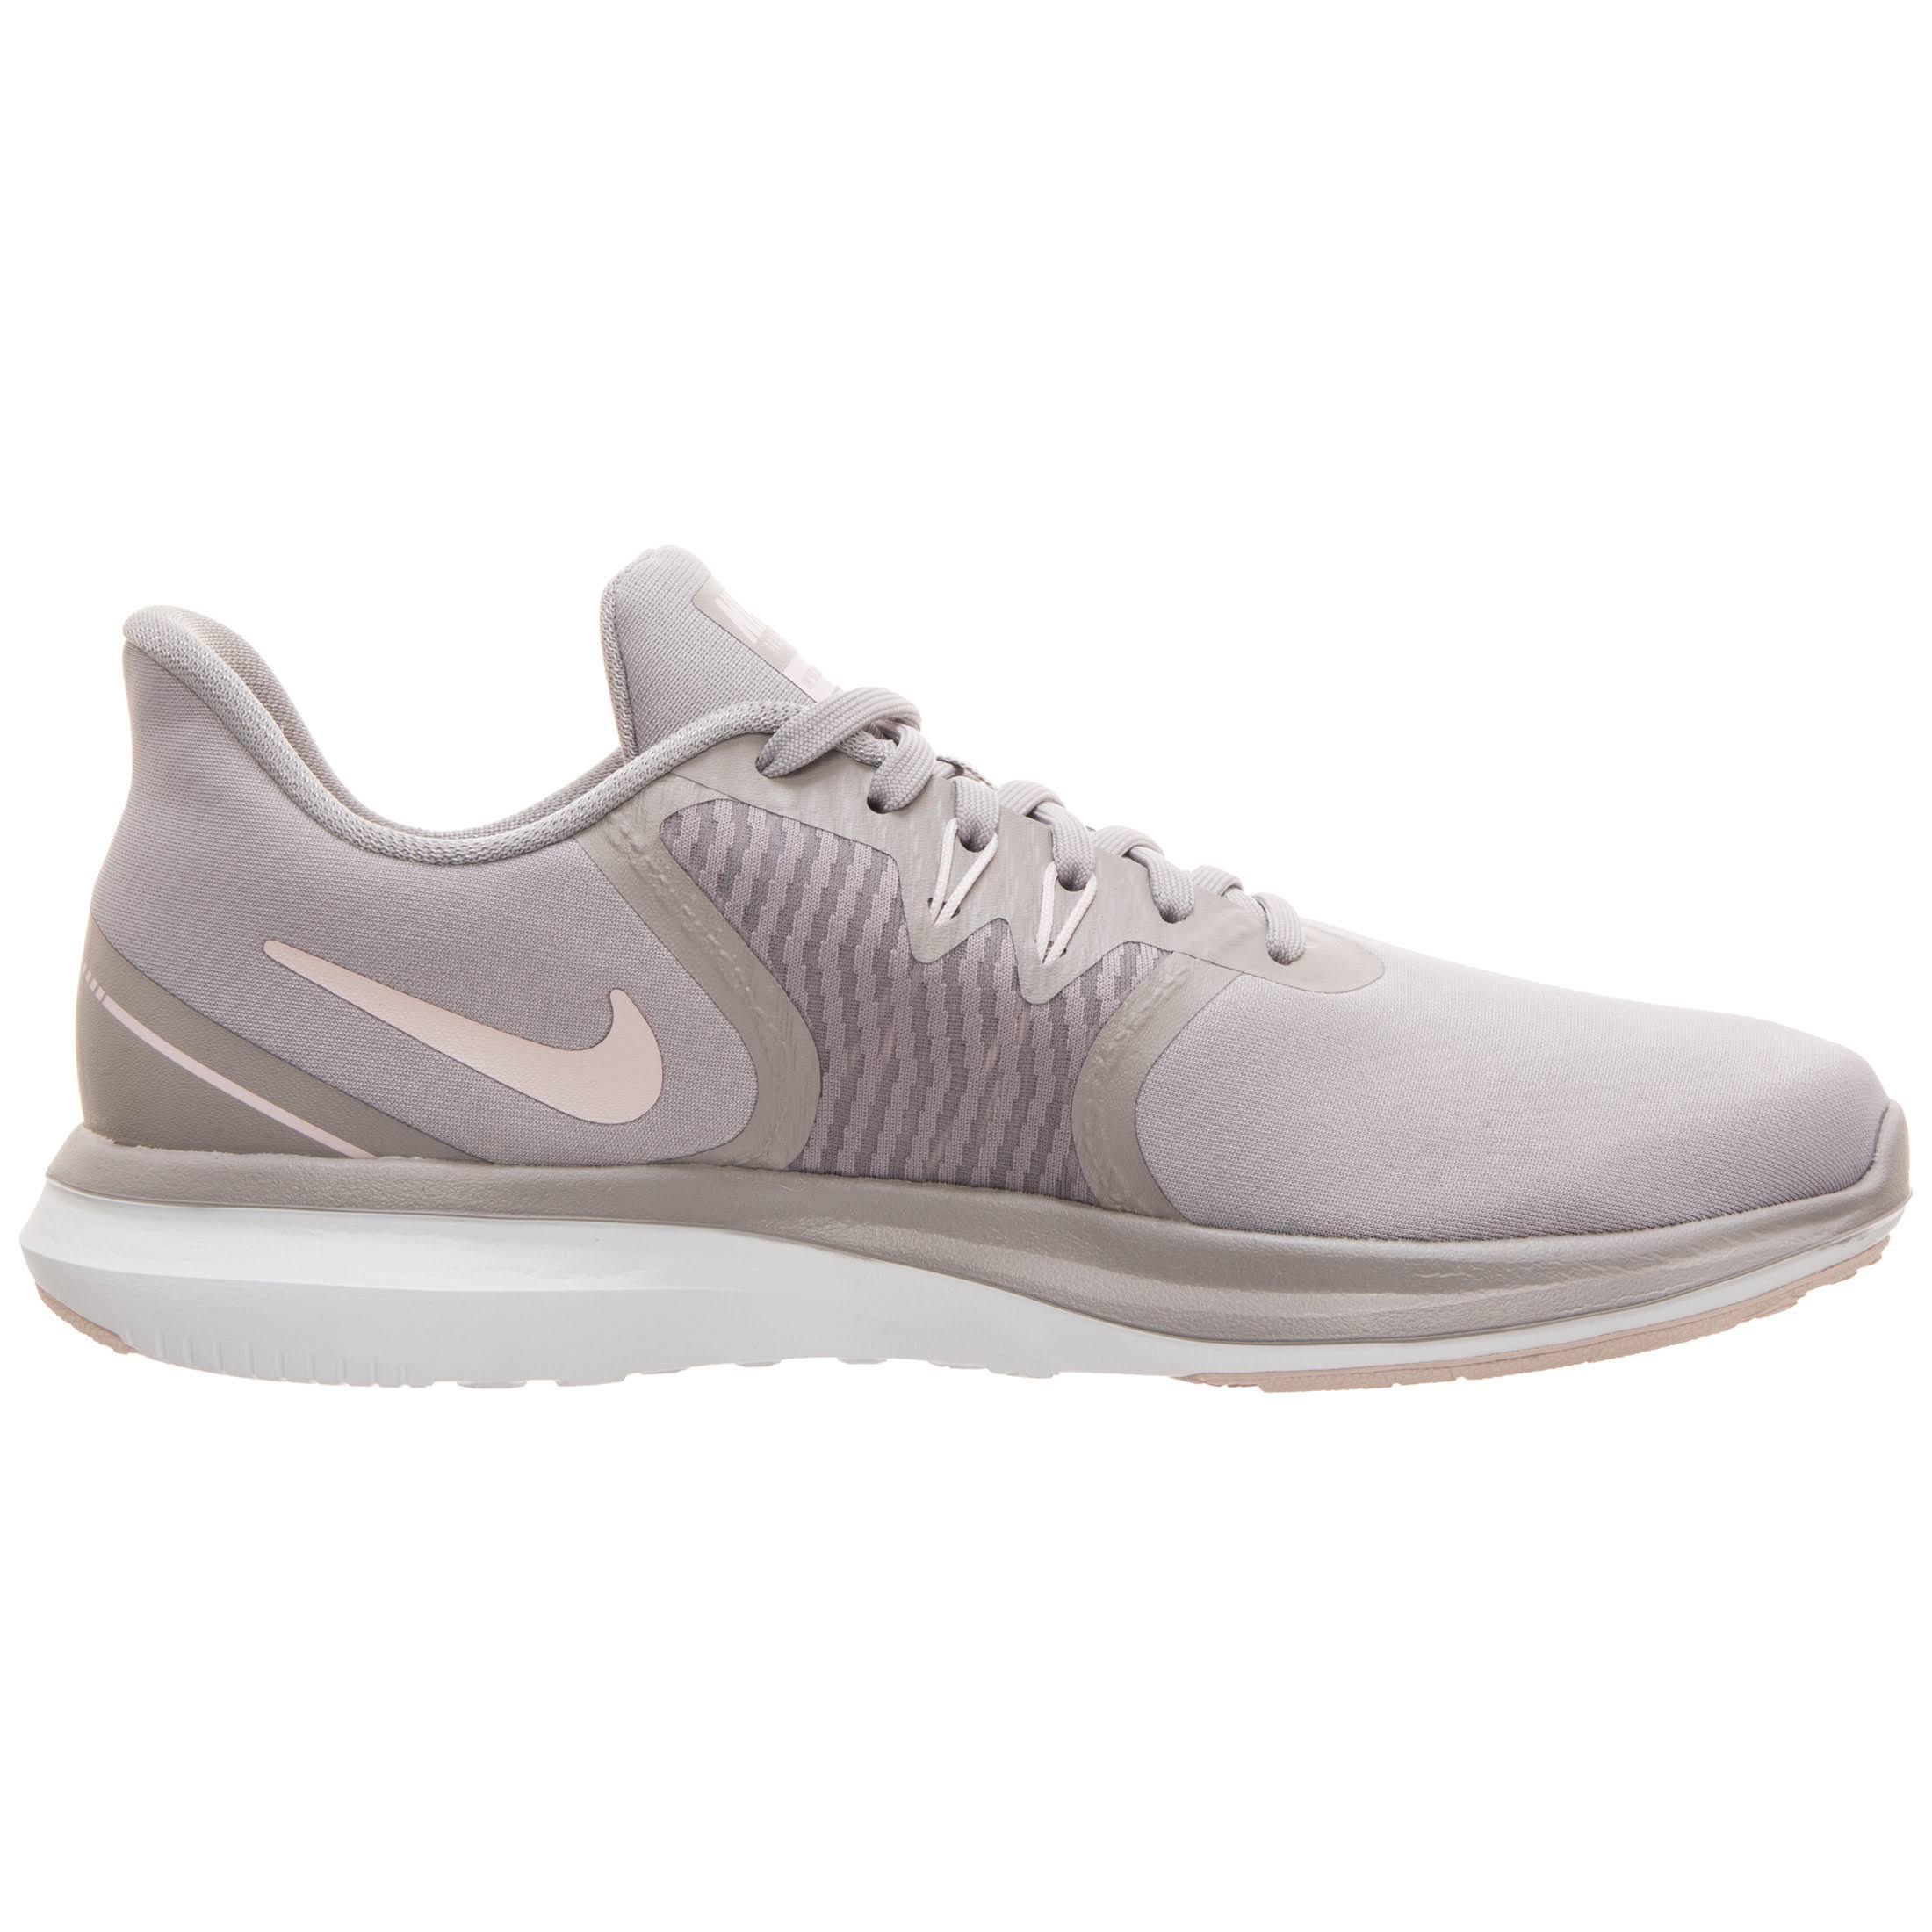 Nike 42 Damen 8 Grau Tr Gr In Fitnessschuhe Grau season SnfwFnpZq